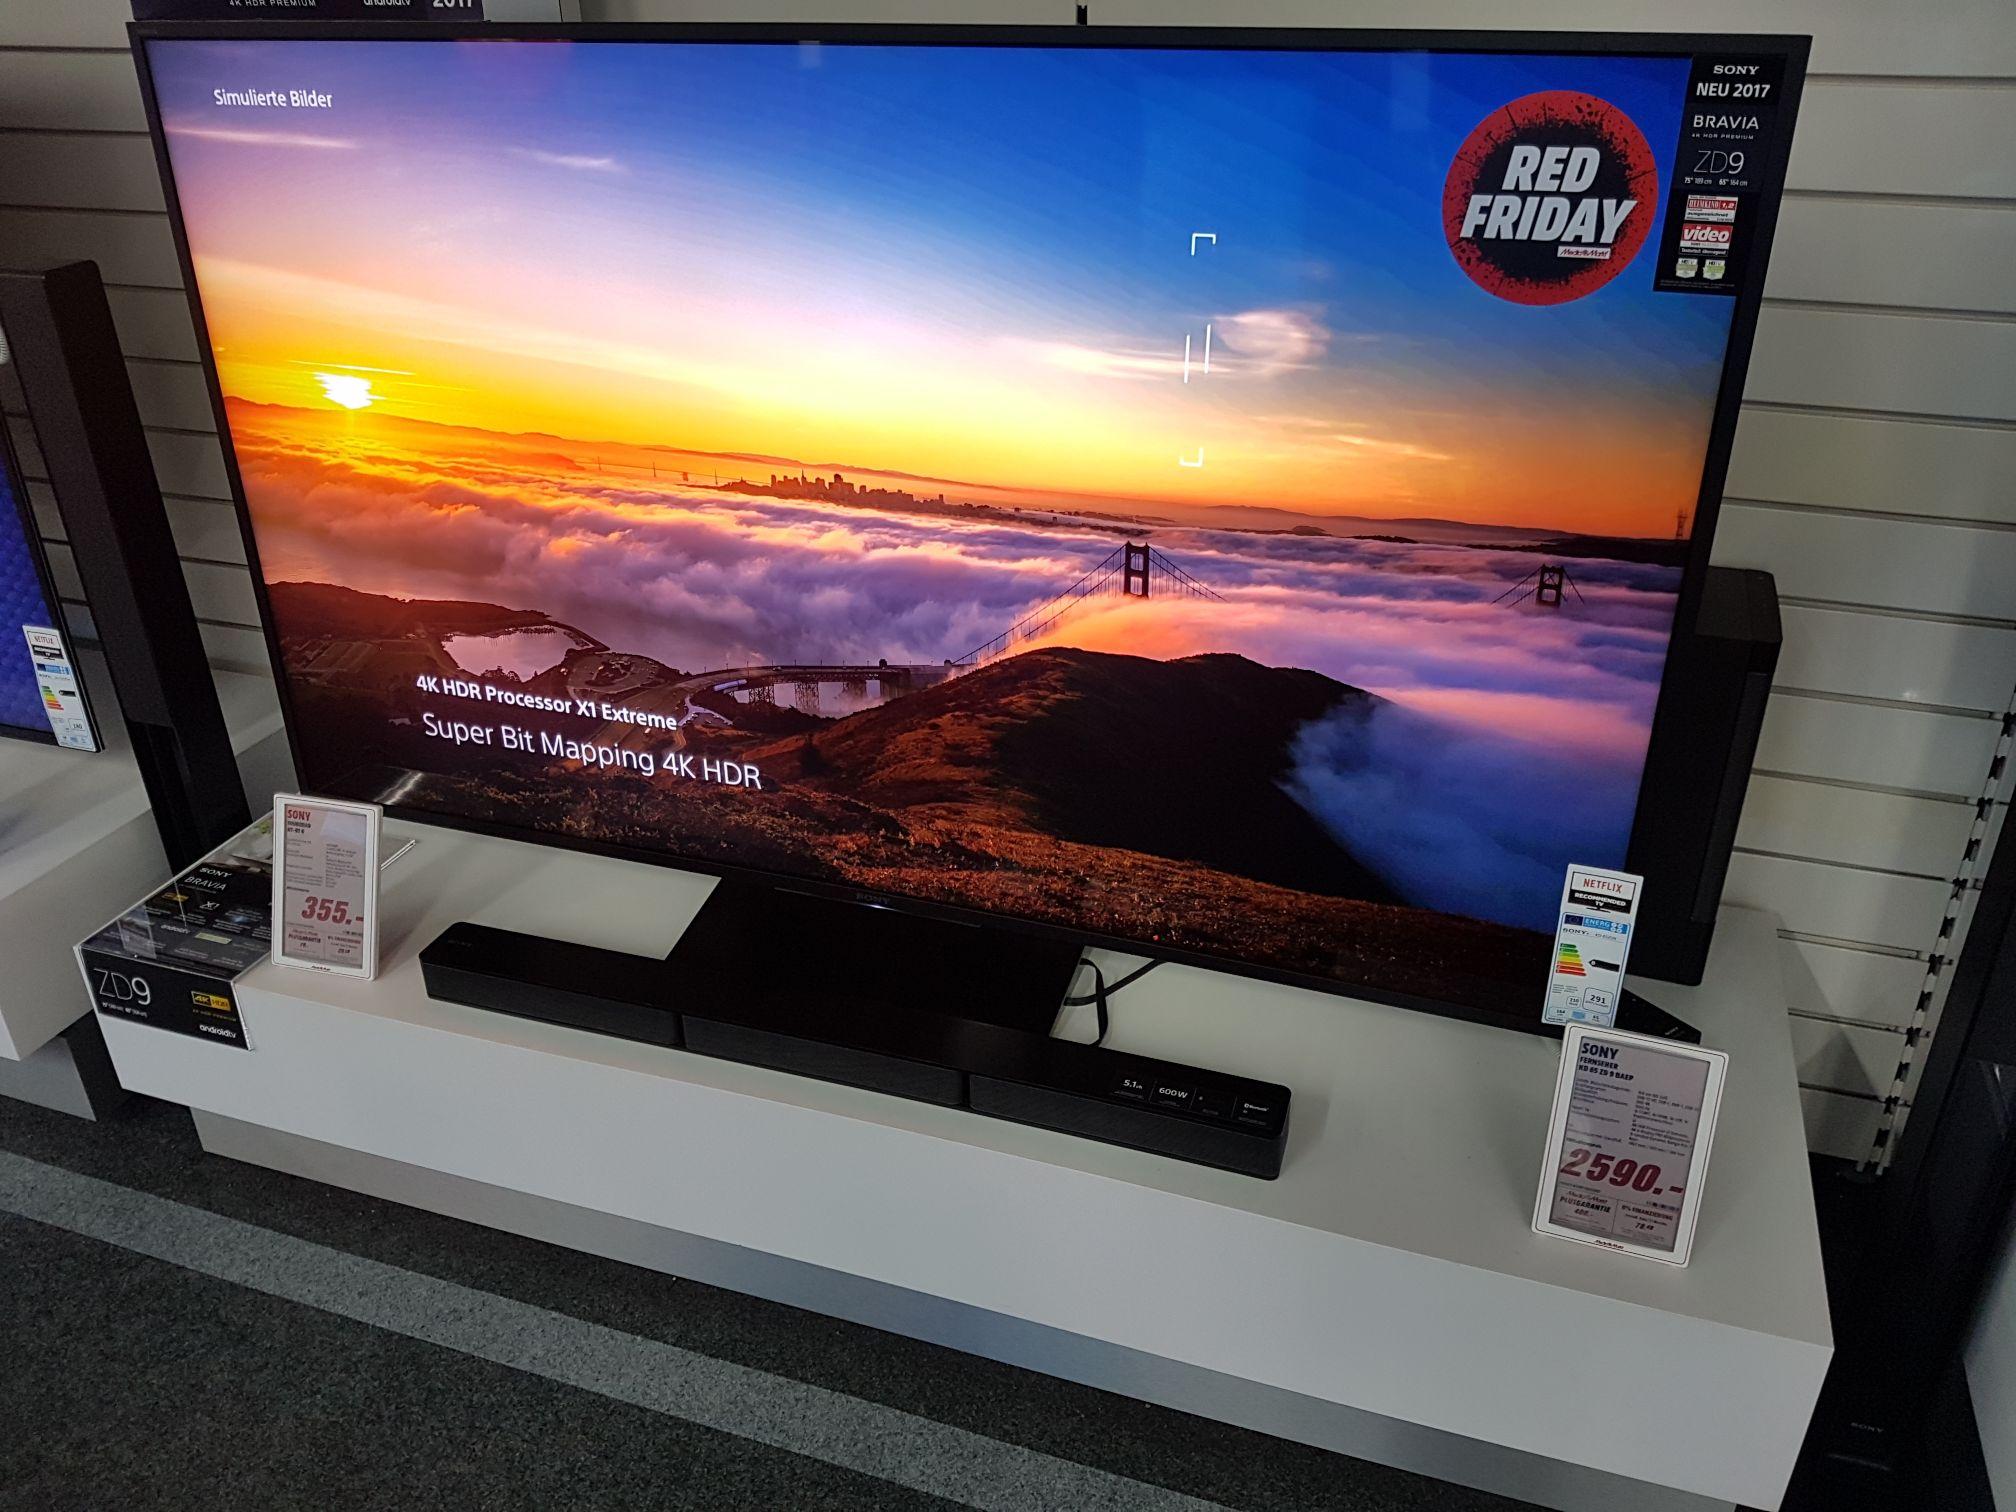 Lokal Media Markt Berlin Spandau Sony KD-65ZD9 KD 65 ZD9